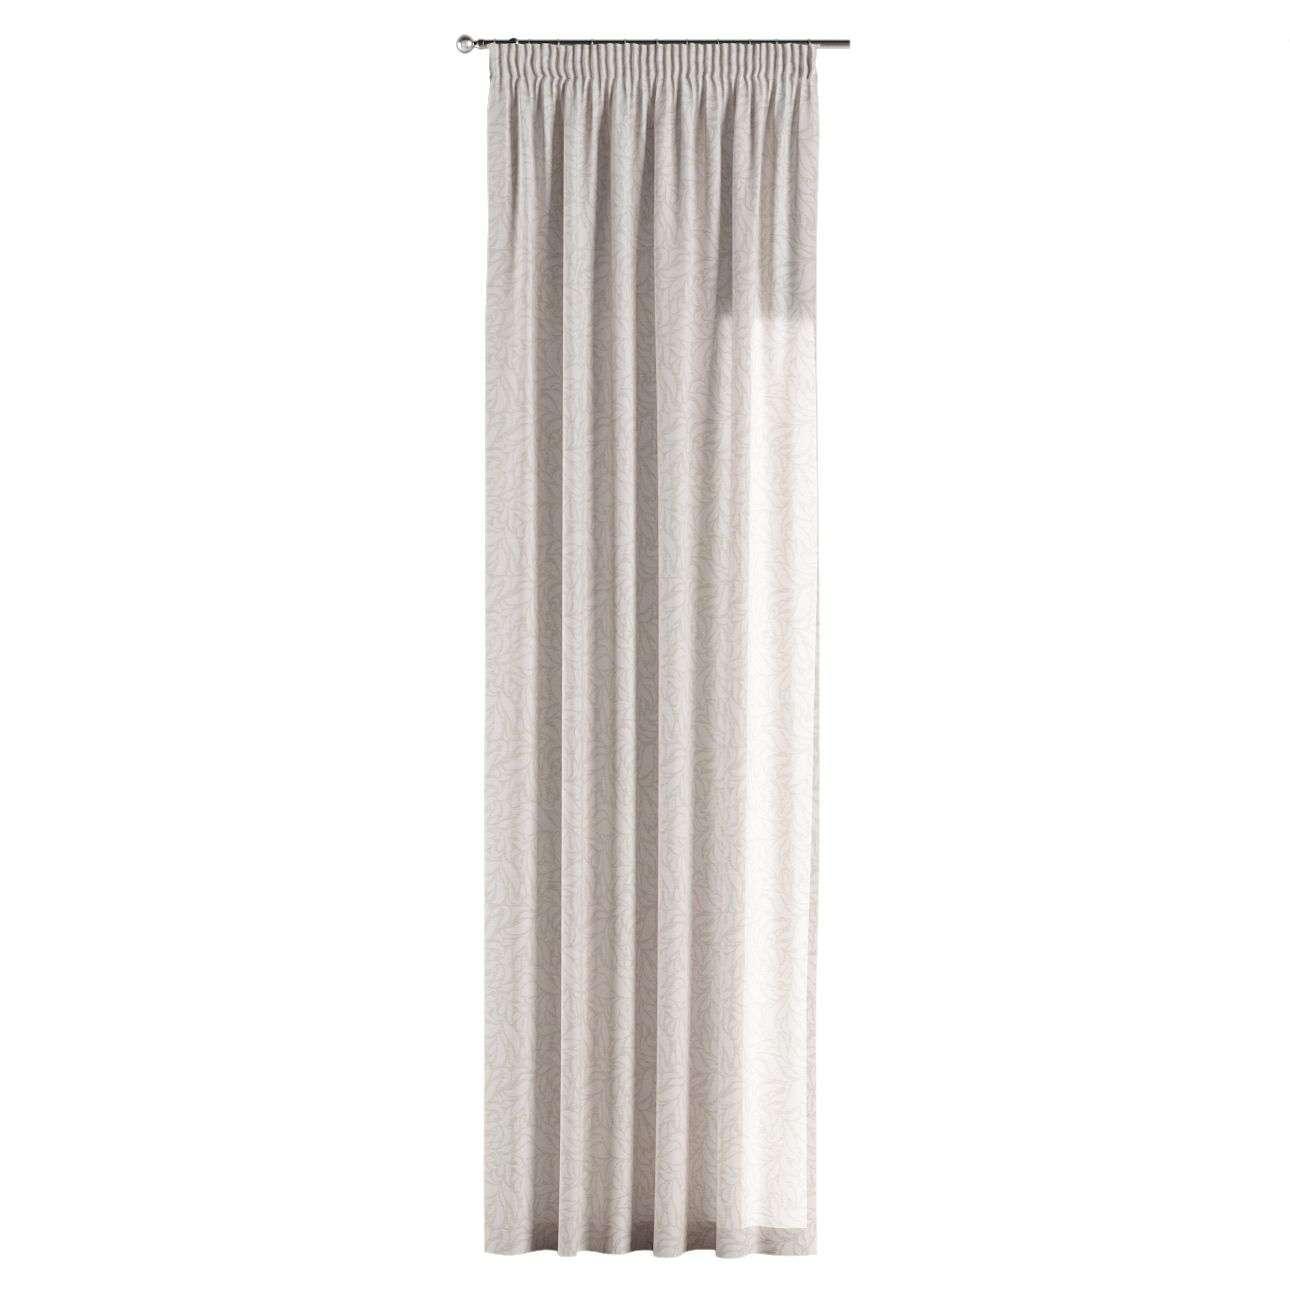 Gardin med rynkband 1 längd 130 x 260 cm i kollektionen Venice - NYHET, Tyg: 140-50